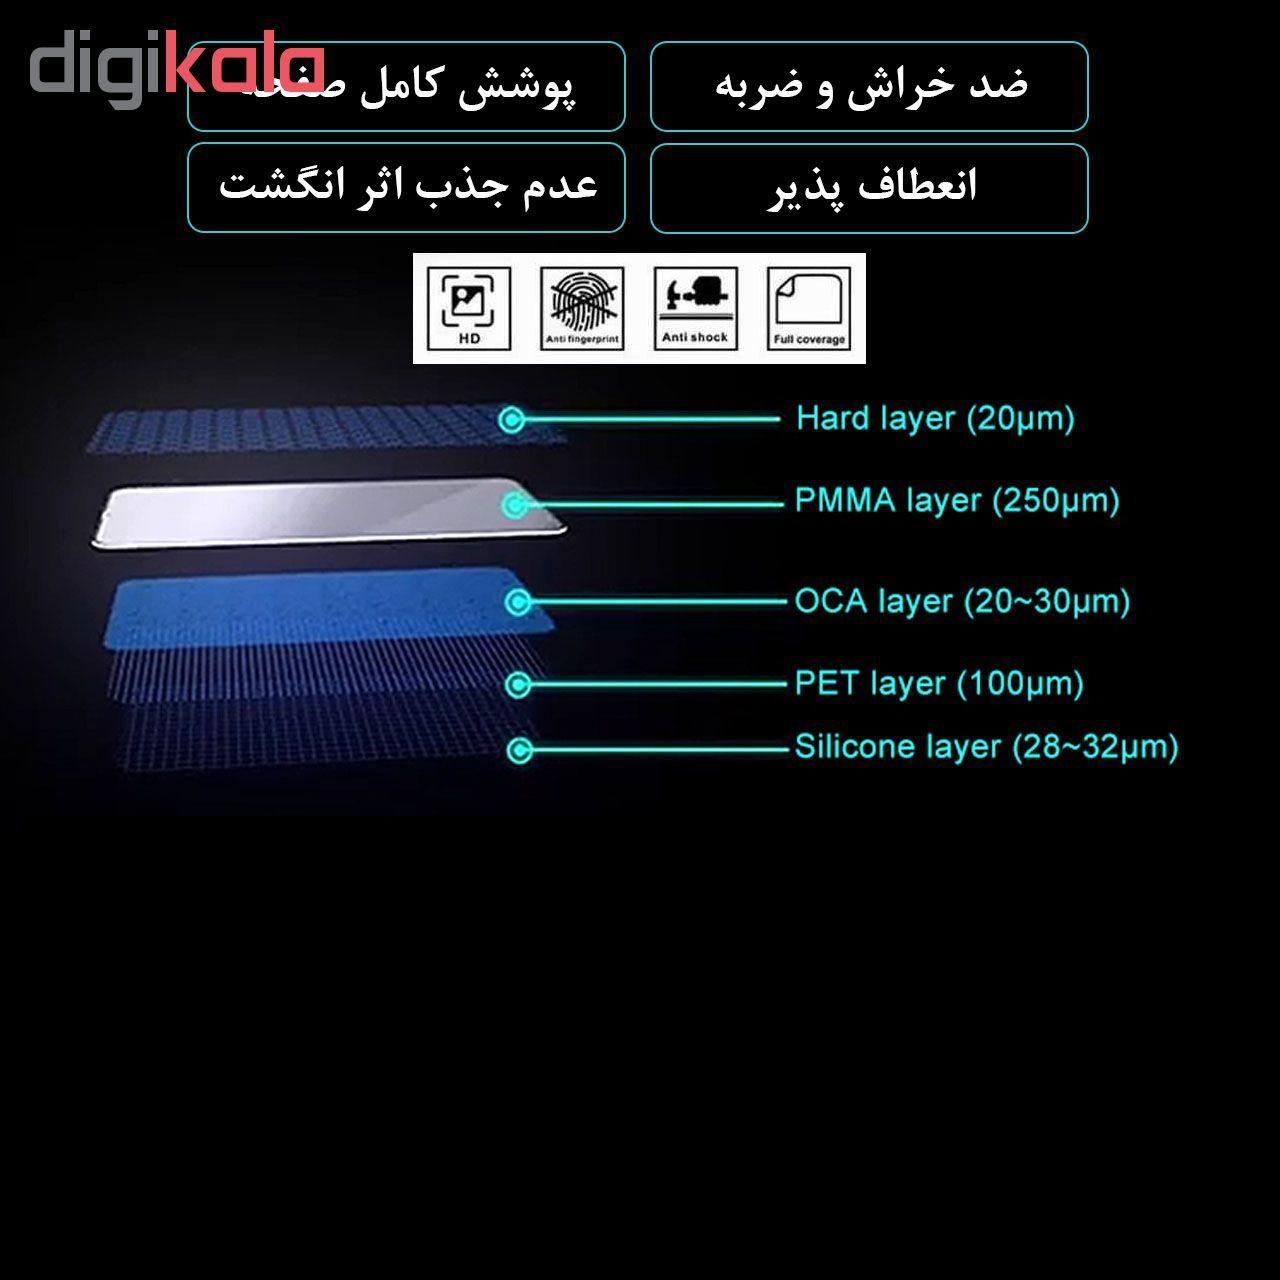 محافظ صفحه نمایش 9D مدل CRA-IXS مناسب برای گوشی موبایل اپل iphone XS Max / 11 pro Max main 1 1